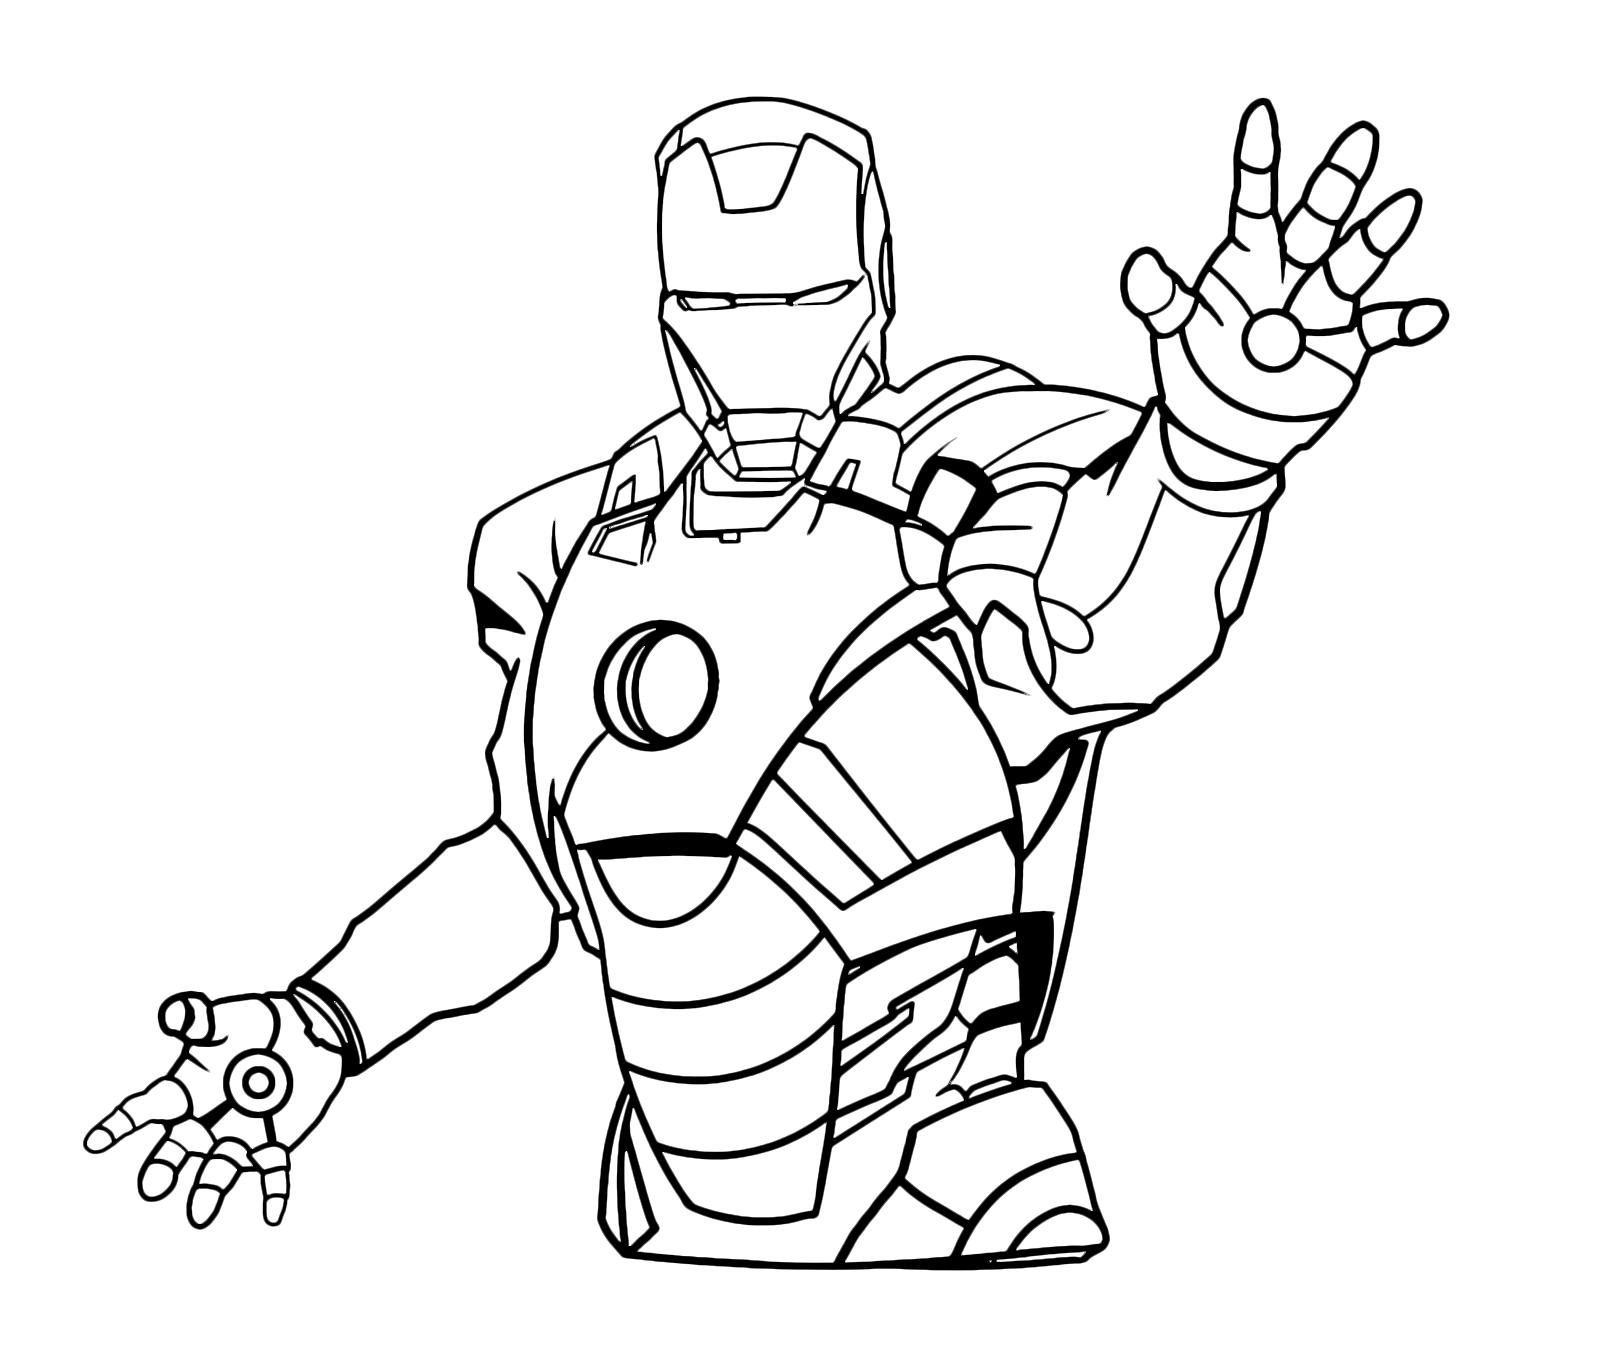 Disegni Da Colorare Con Iron Man.26 Bello Immagine Circa Disegni Da Colorare Di Batman Lego Disegni Con Disegni Di Batman E 26 Bello Imm Disegno Di Batman Disegni Da Colorare Libri Da Colorare